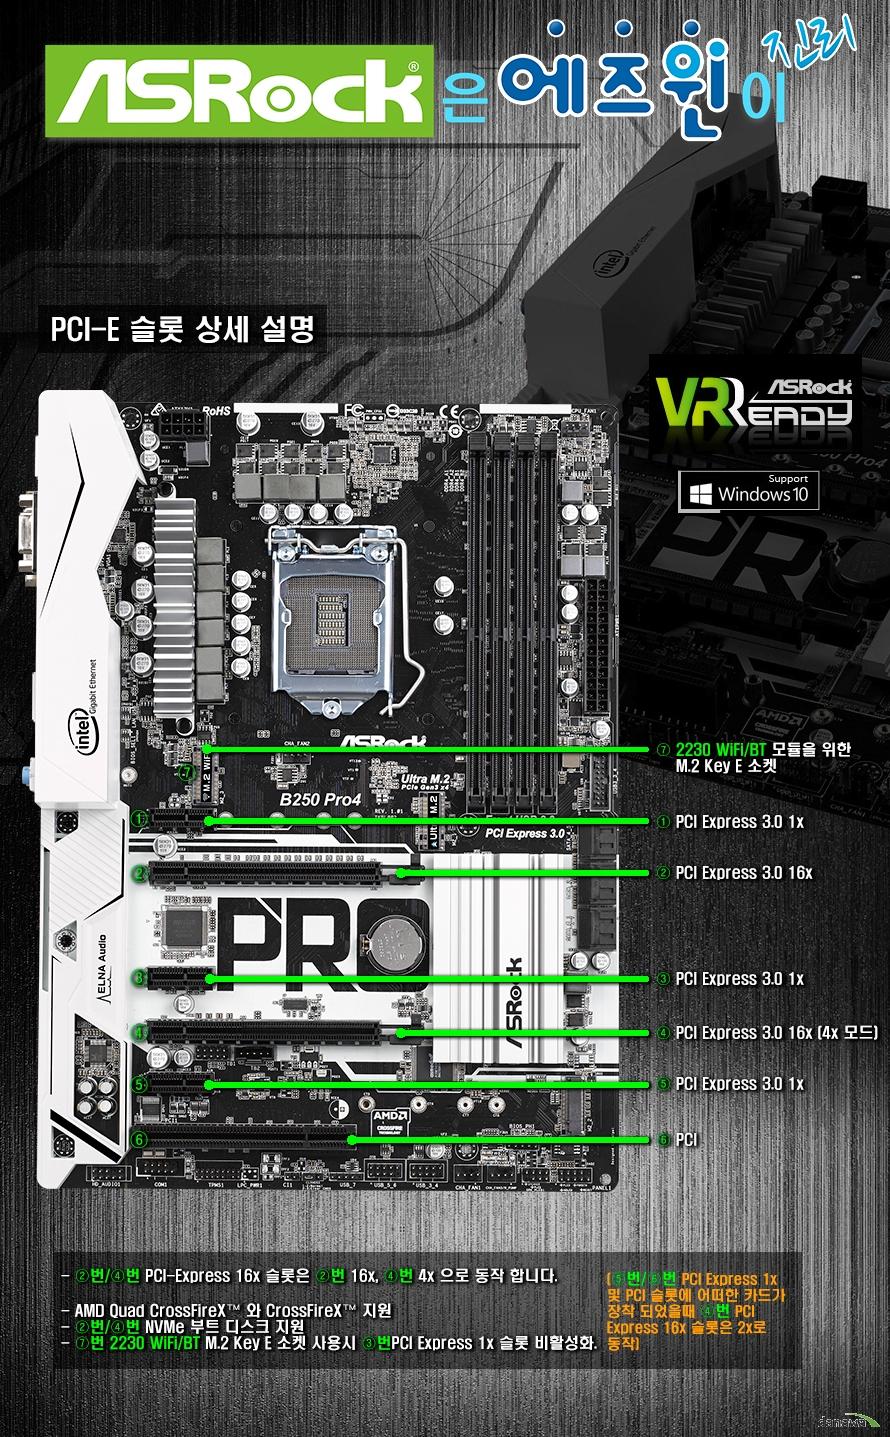 ASRock은 에즈윈이 진리PCI-E 슬롯 상세 설명ASRock VR Reday / Support Windows101. PCI Express 3.0 1x / 2. PCI Express 3.0 16x / 3. PCI Express 3.0 1x / 4. PCI Express 16x (4x모드) / 5. PCI Express 3.0 1x / 6. PCI / 7. 2230 WIFI-BT 모듈을 위한 M.2 Key E 소켓-2번 4번 PCI-Express 16x슬롯은 2번 16x, 4번 4x으로 동작합니다.-AMD Quad CrossFireX와 CrossFireX 지원-2번 4번 NVMe 부트 디스크 지원-7번 2230 WiFi/BT M.2 key E 소켓 사용시 3번 PCI Express 1x 슬롯 비활성화5번 6번 PCI Express 1x 및 PCI 슬롯에 어떠한 카드가 장착되었을때 4번 PCI Express 16x 슬롯은 2x로 동작